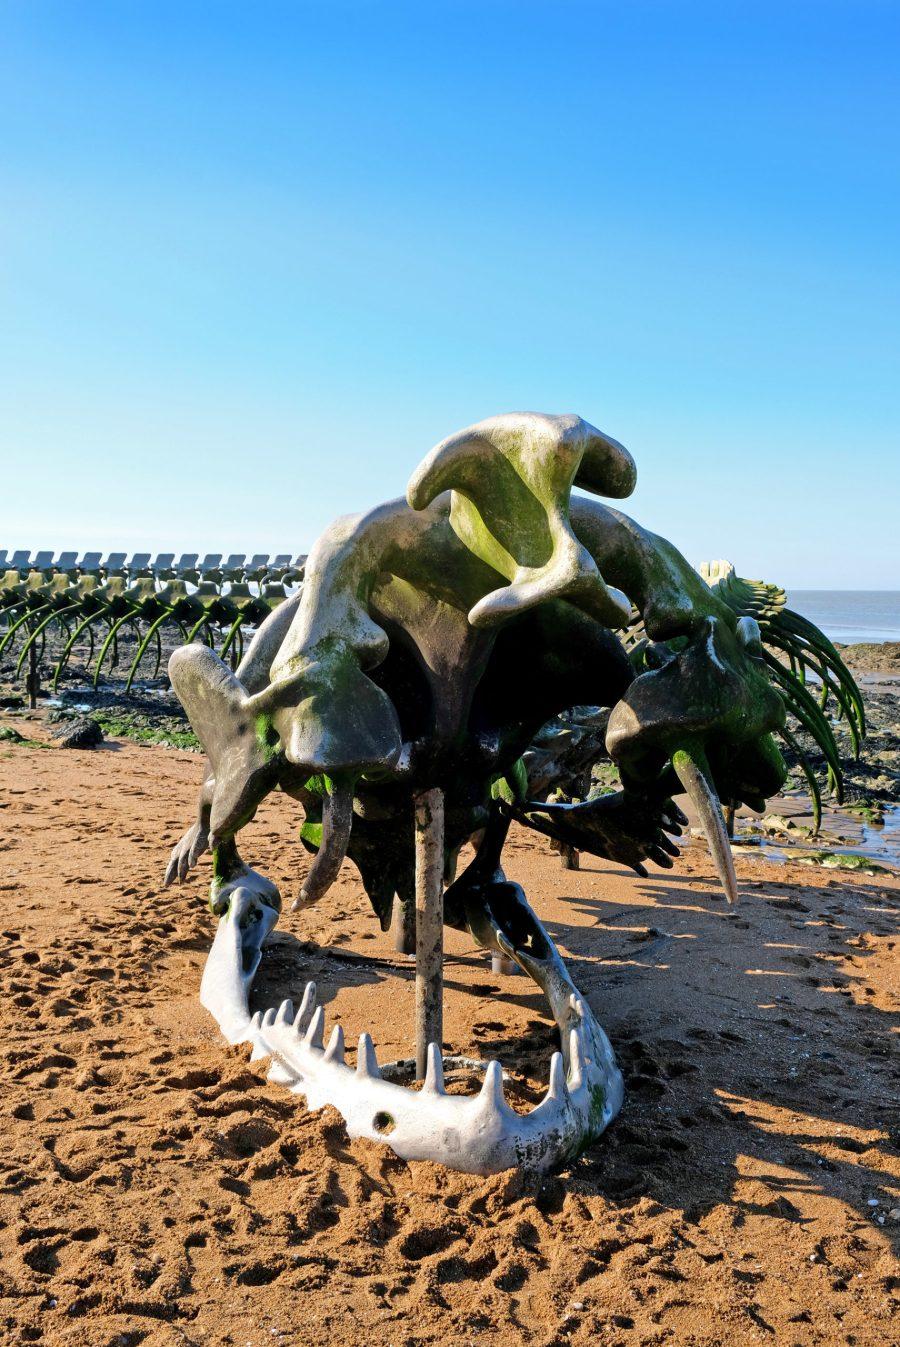 Le Serpent d'Océan, sculpture monumentale dans le cadre du parcours Estuaire